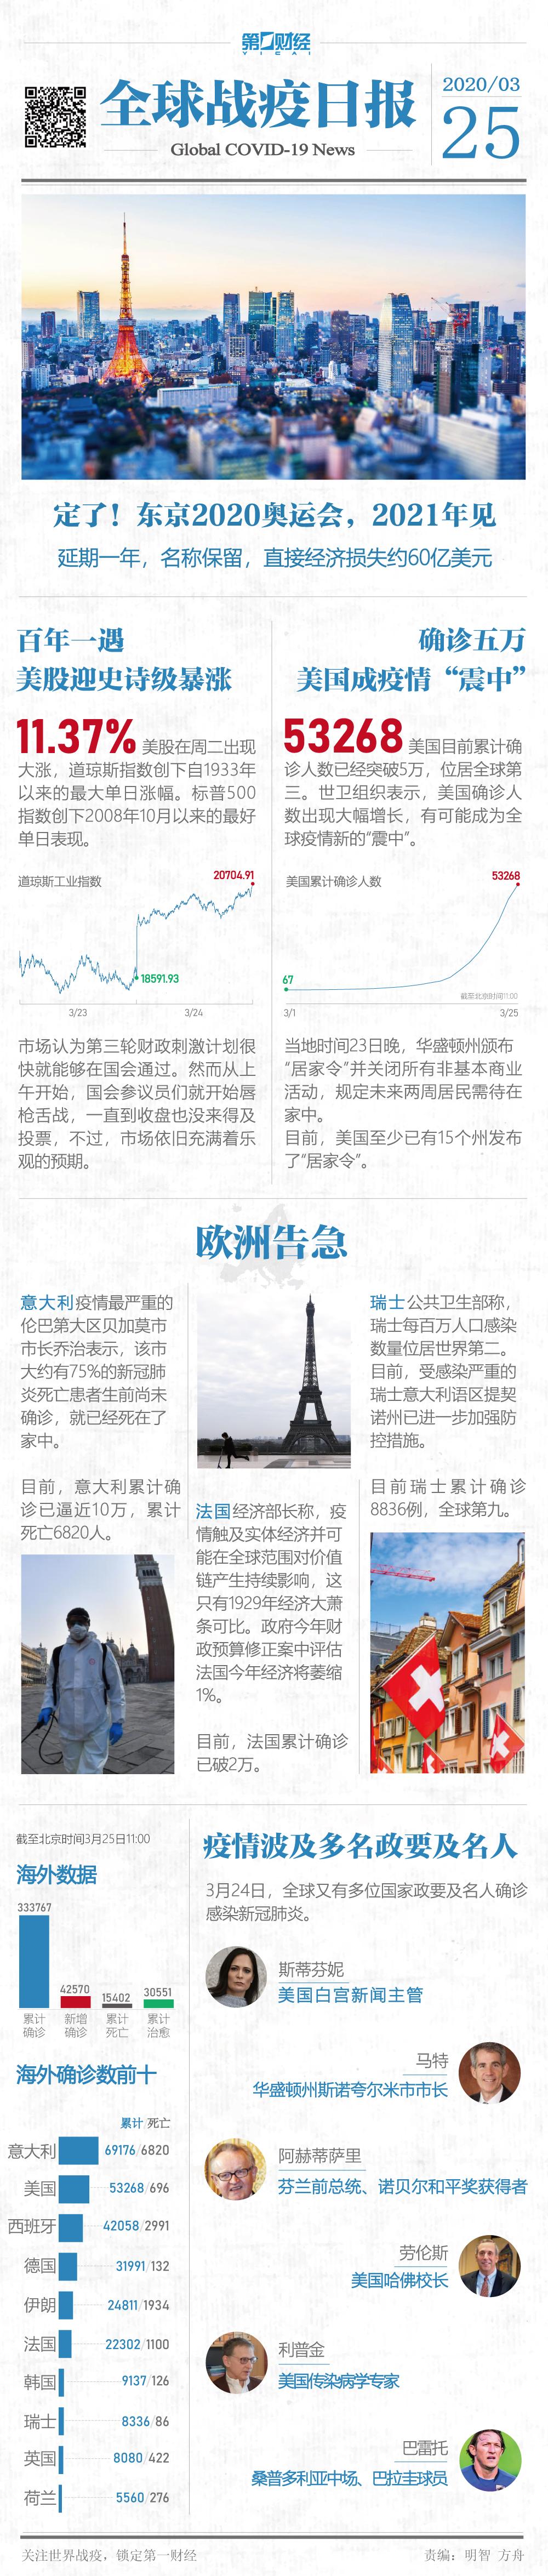 """""""全球战疫日报丨东京奥运明年见,美国或成疫情新""""震中"""""""